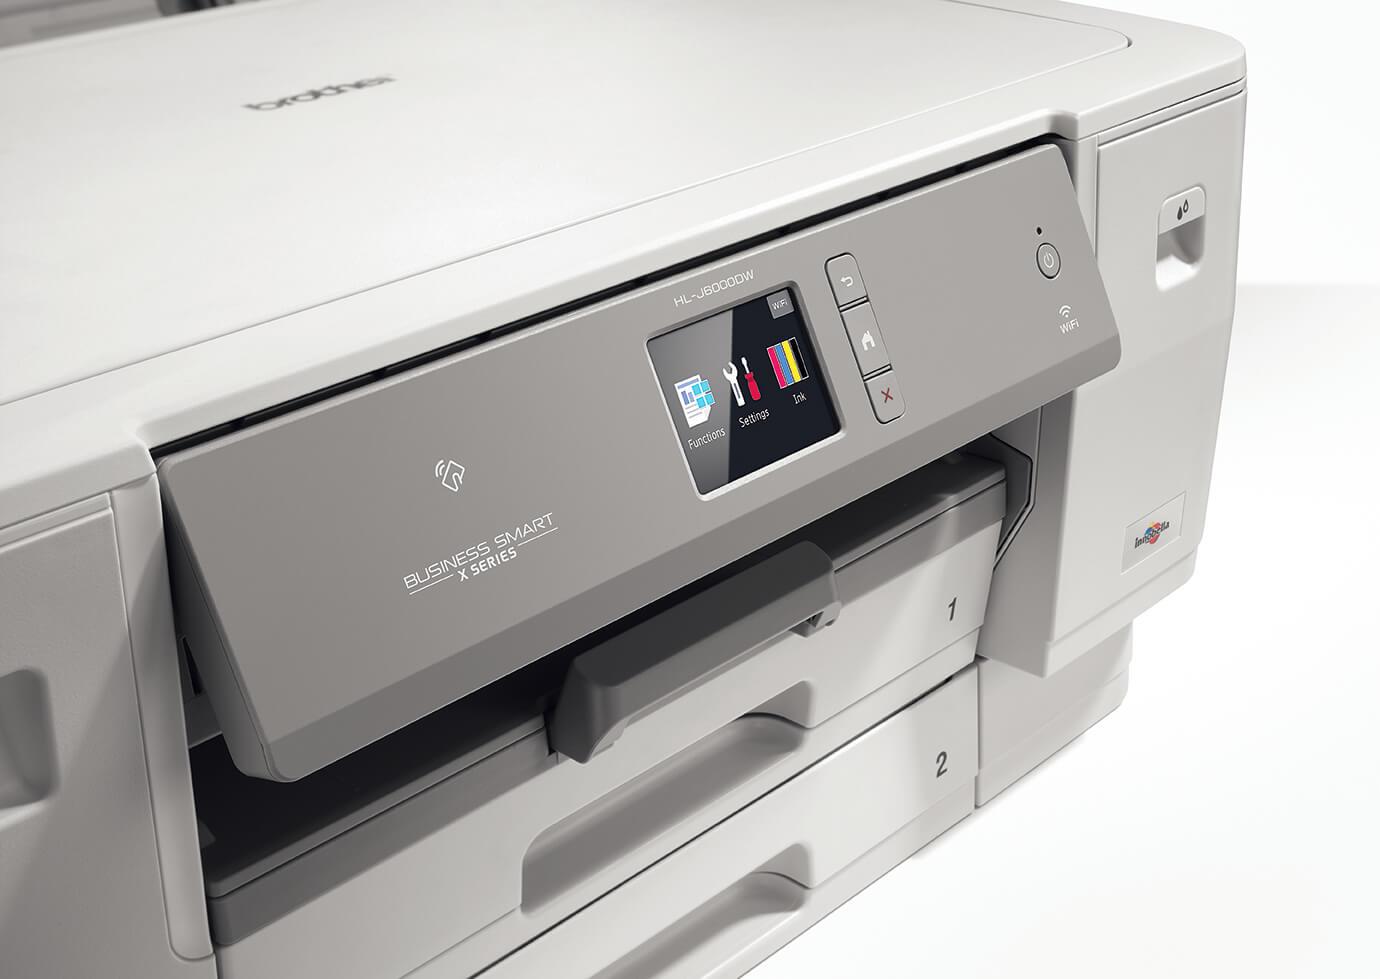 Brother renouvelle sa gamme d'imprimantes  jet d'encre professionnelles avec les Business Smart Série X